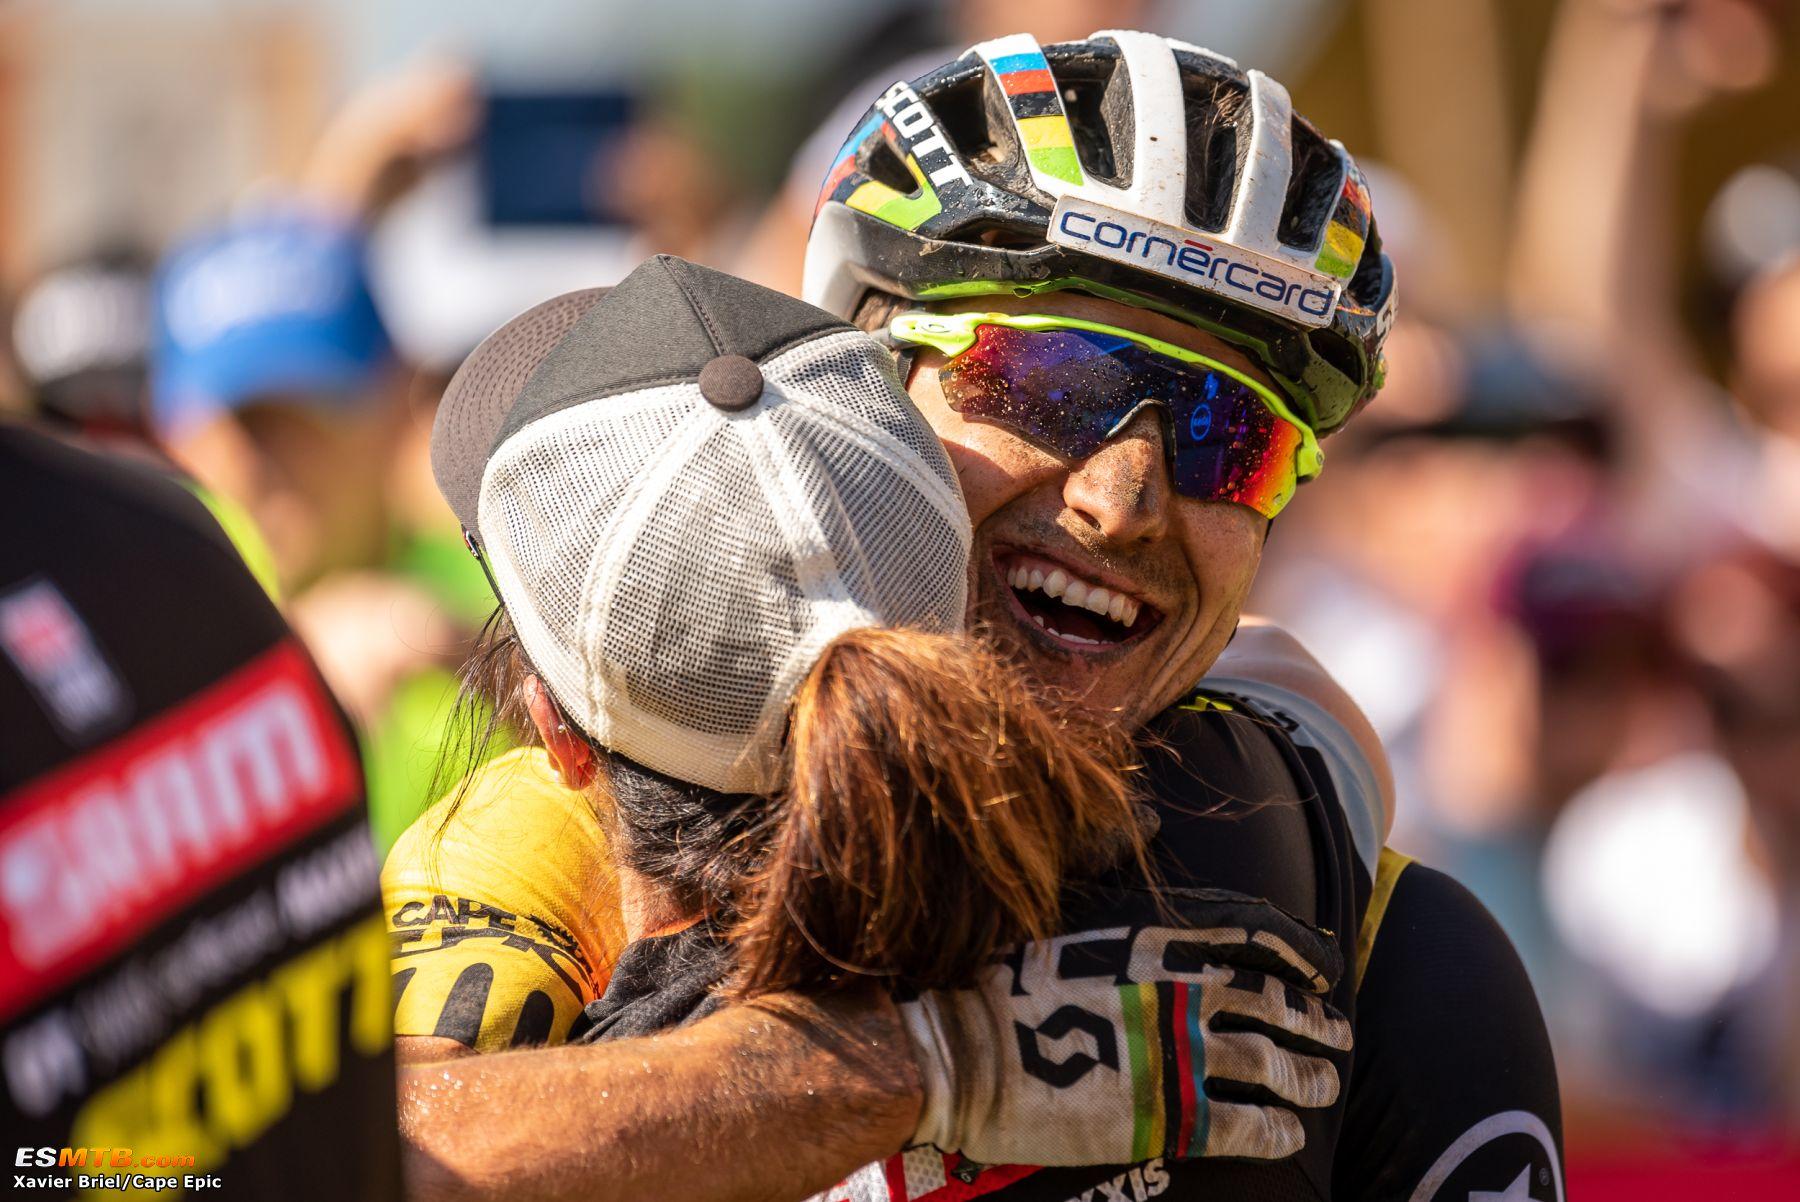 2019 Absa Cape Epic Stage 7 - Stellenbosch to Paarl